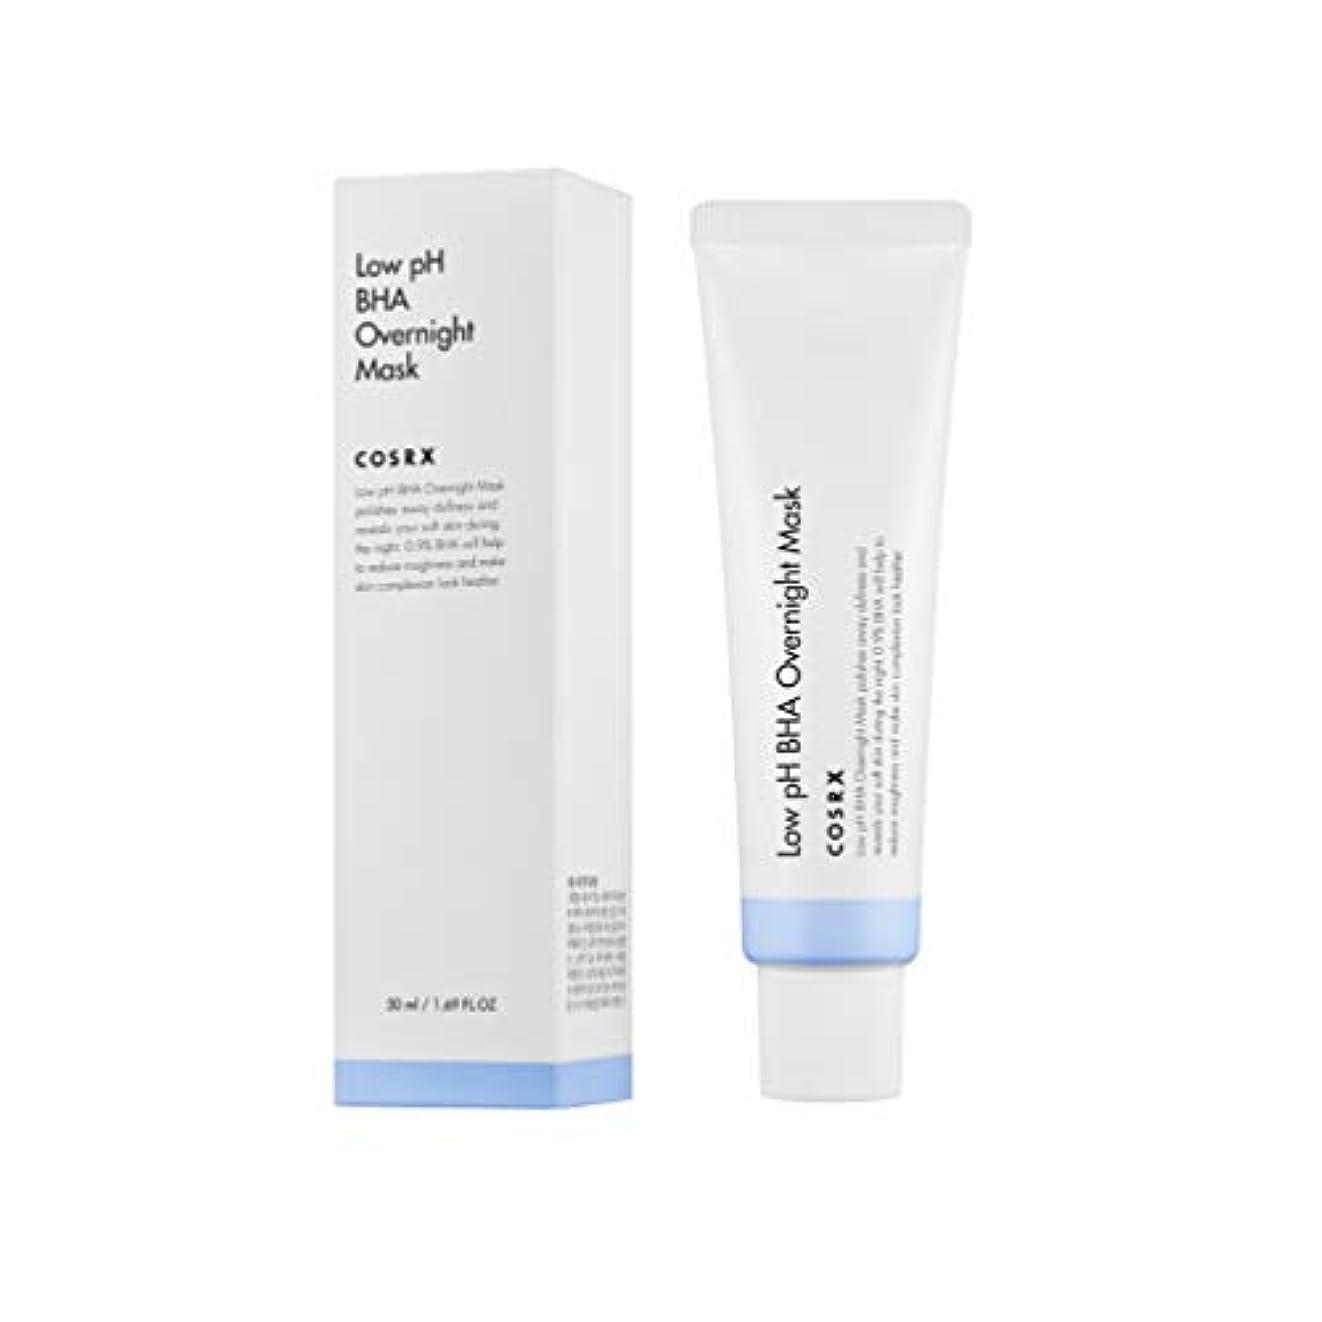 COSRX 弱酸性 BHA オーバーナイト マスク / Low pH BHA Overnight Mask (50ml) [並行輸入品]